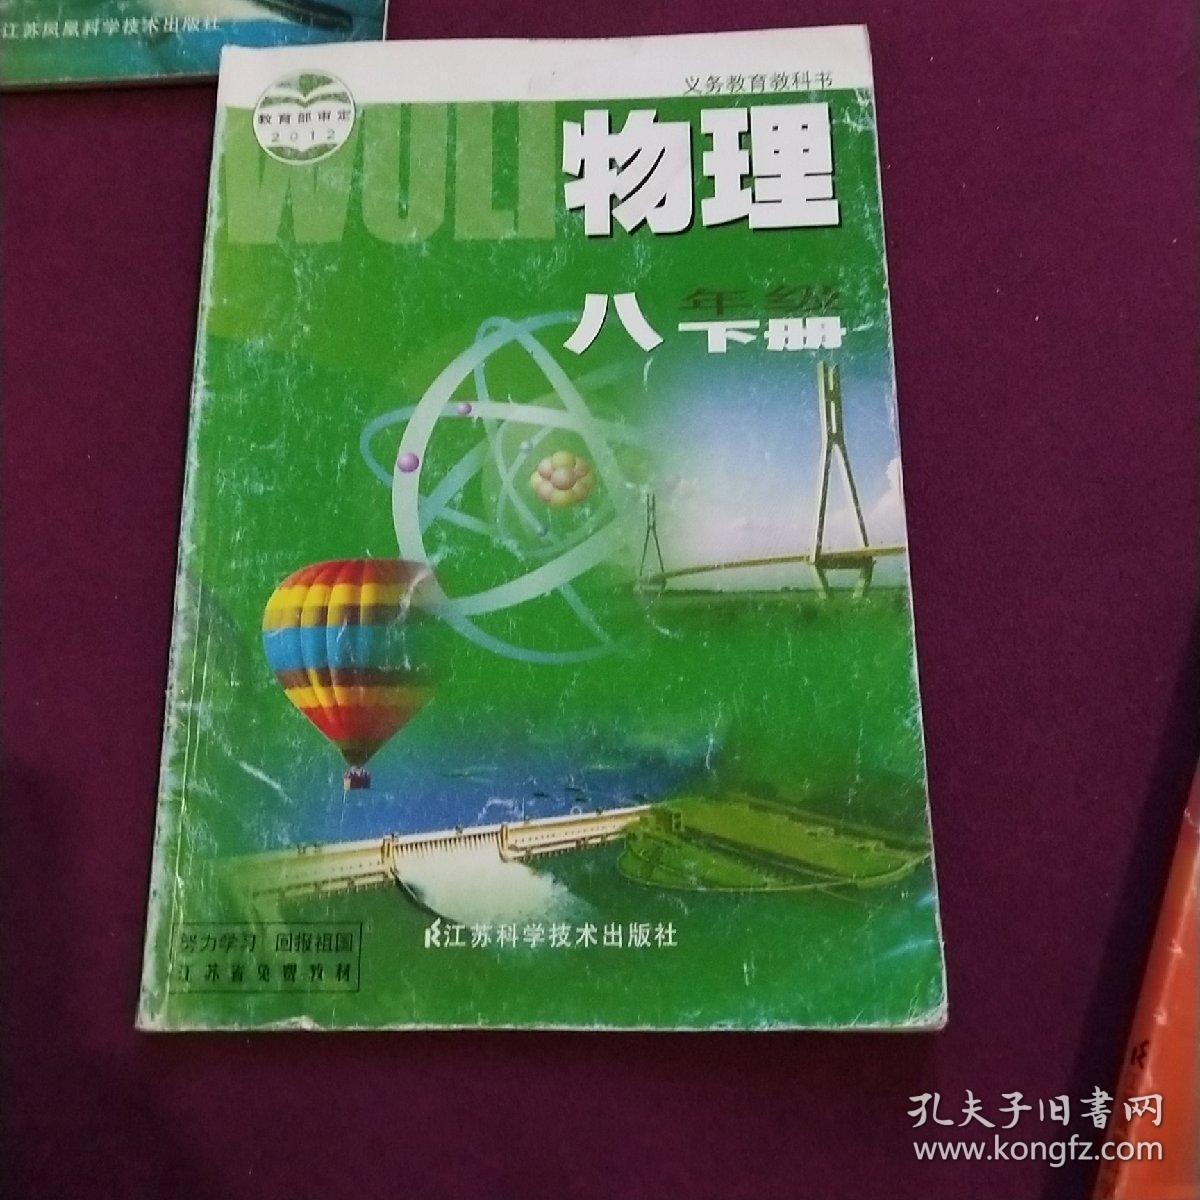 苏教版下册物理初二八初中年级初中上海戏剧学院吗有物理图片